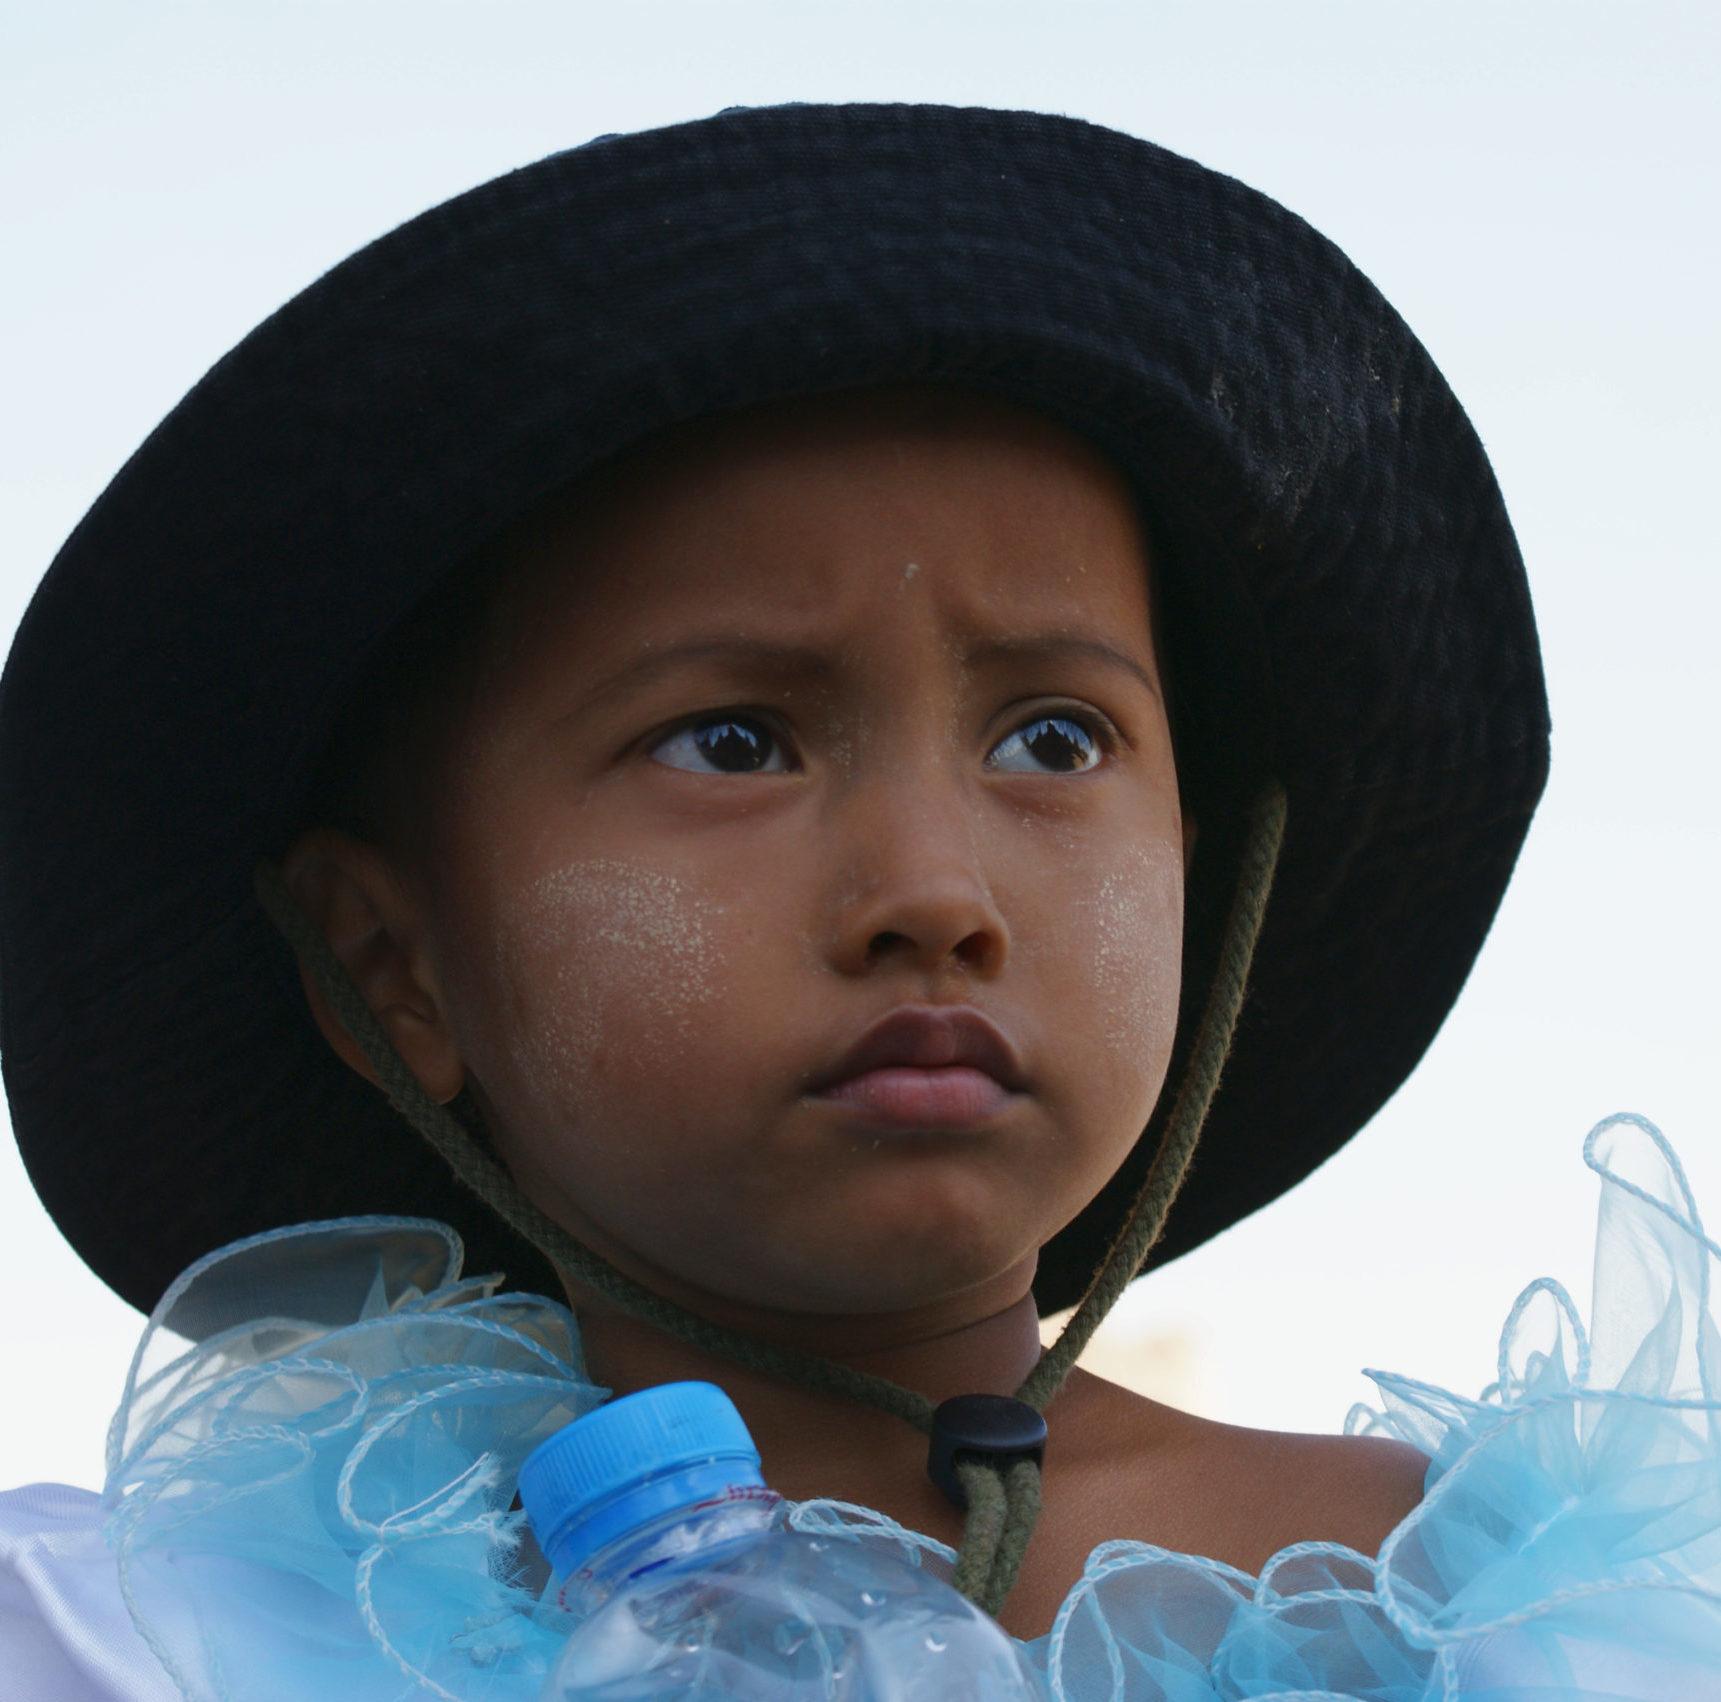 ein Mädchen aus Myanmar mit Hut mit Krempe schaut kritisch und ernst ins Weite, Porträt